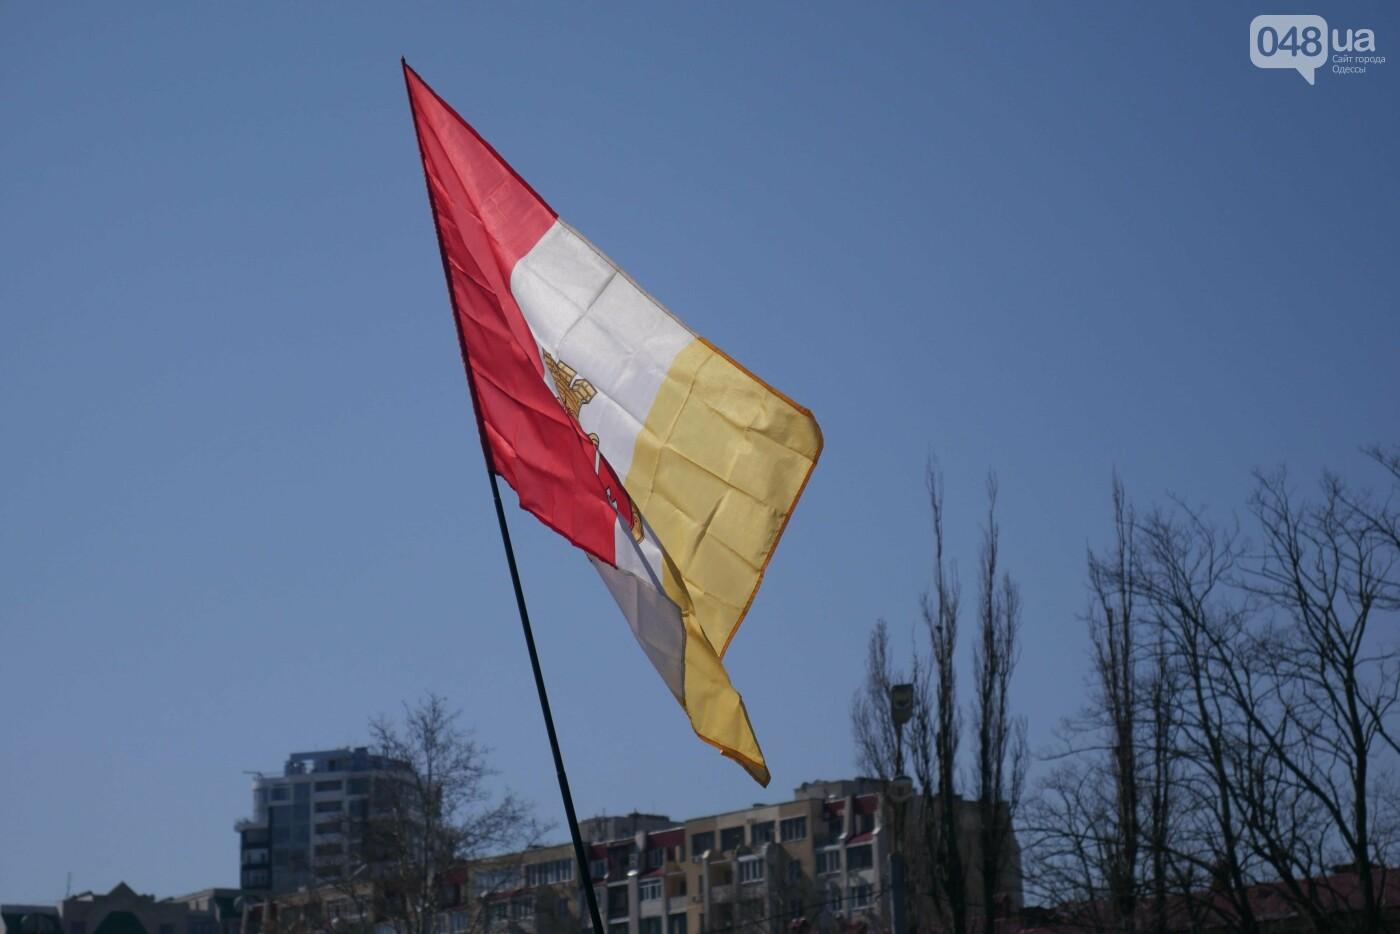 В День Освобождения Одессы возложили цветы к монументам боевой славы, - ФОТОРЕПОРТАЖ, фото-3